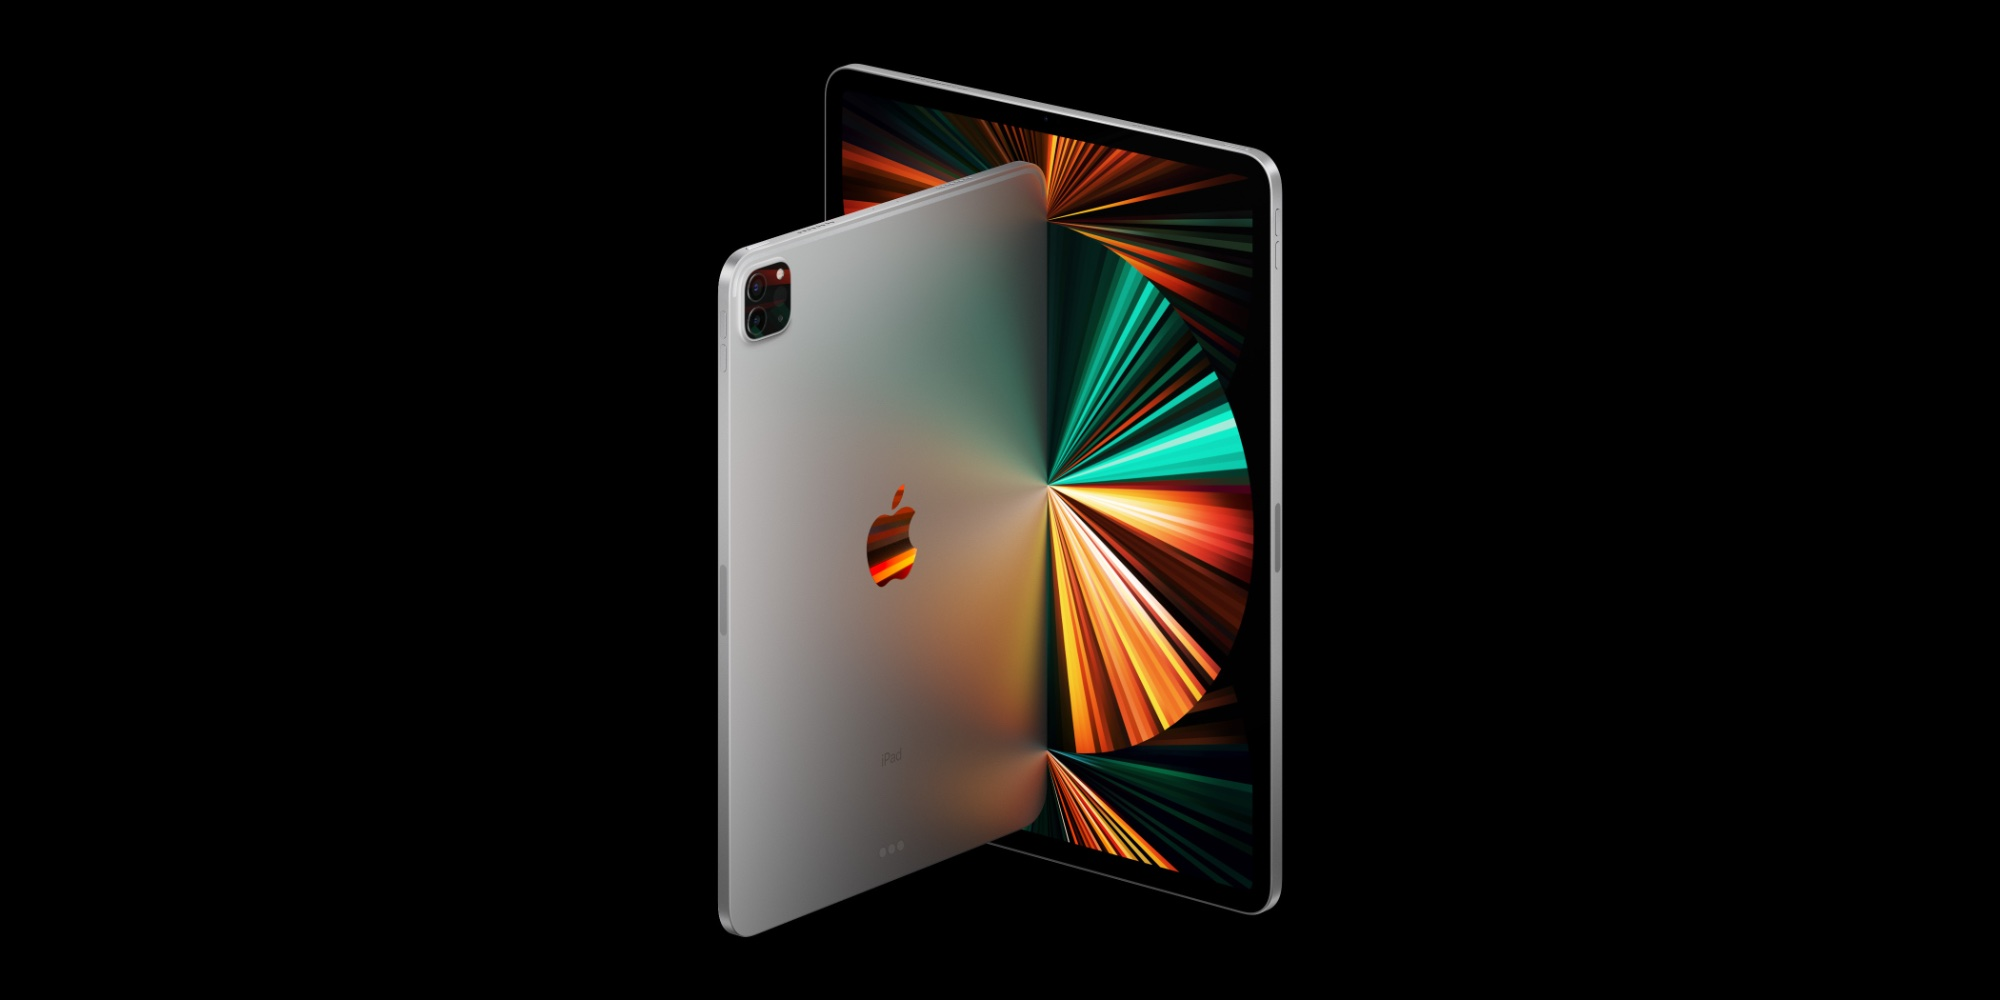 Apple по-прежнему сталкивается с проблемами производства 12,9-дюймового дисплея Liquid Retina XDR для iPad Pro